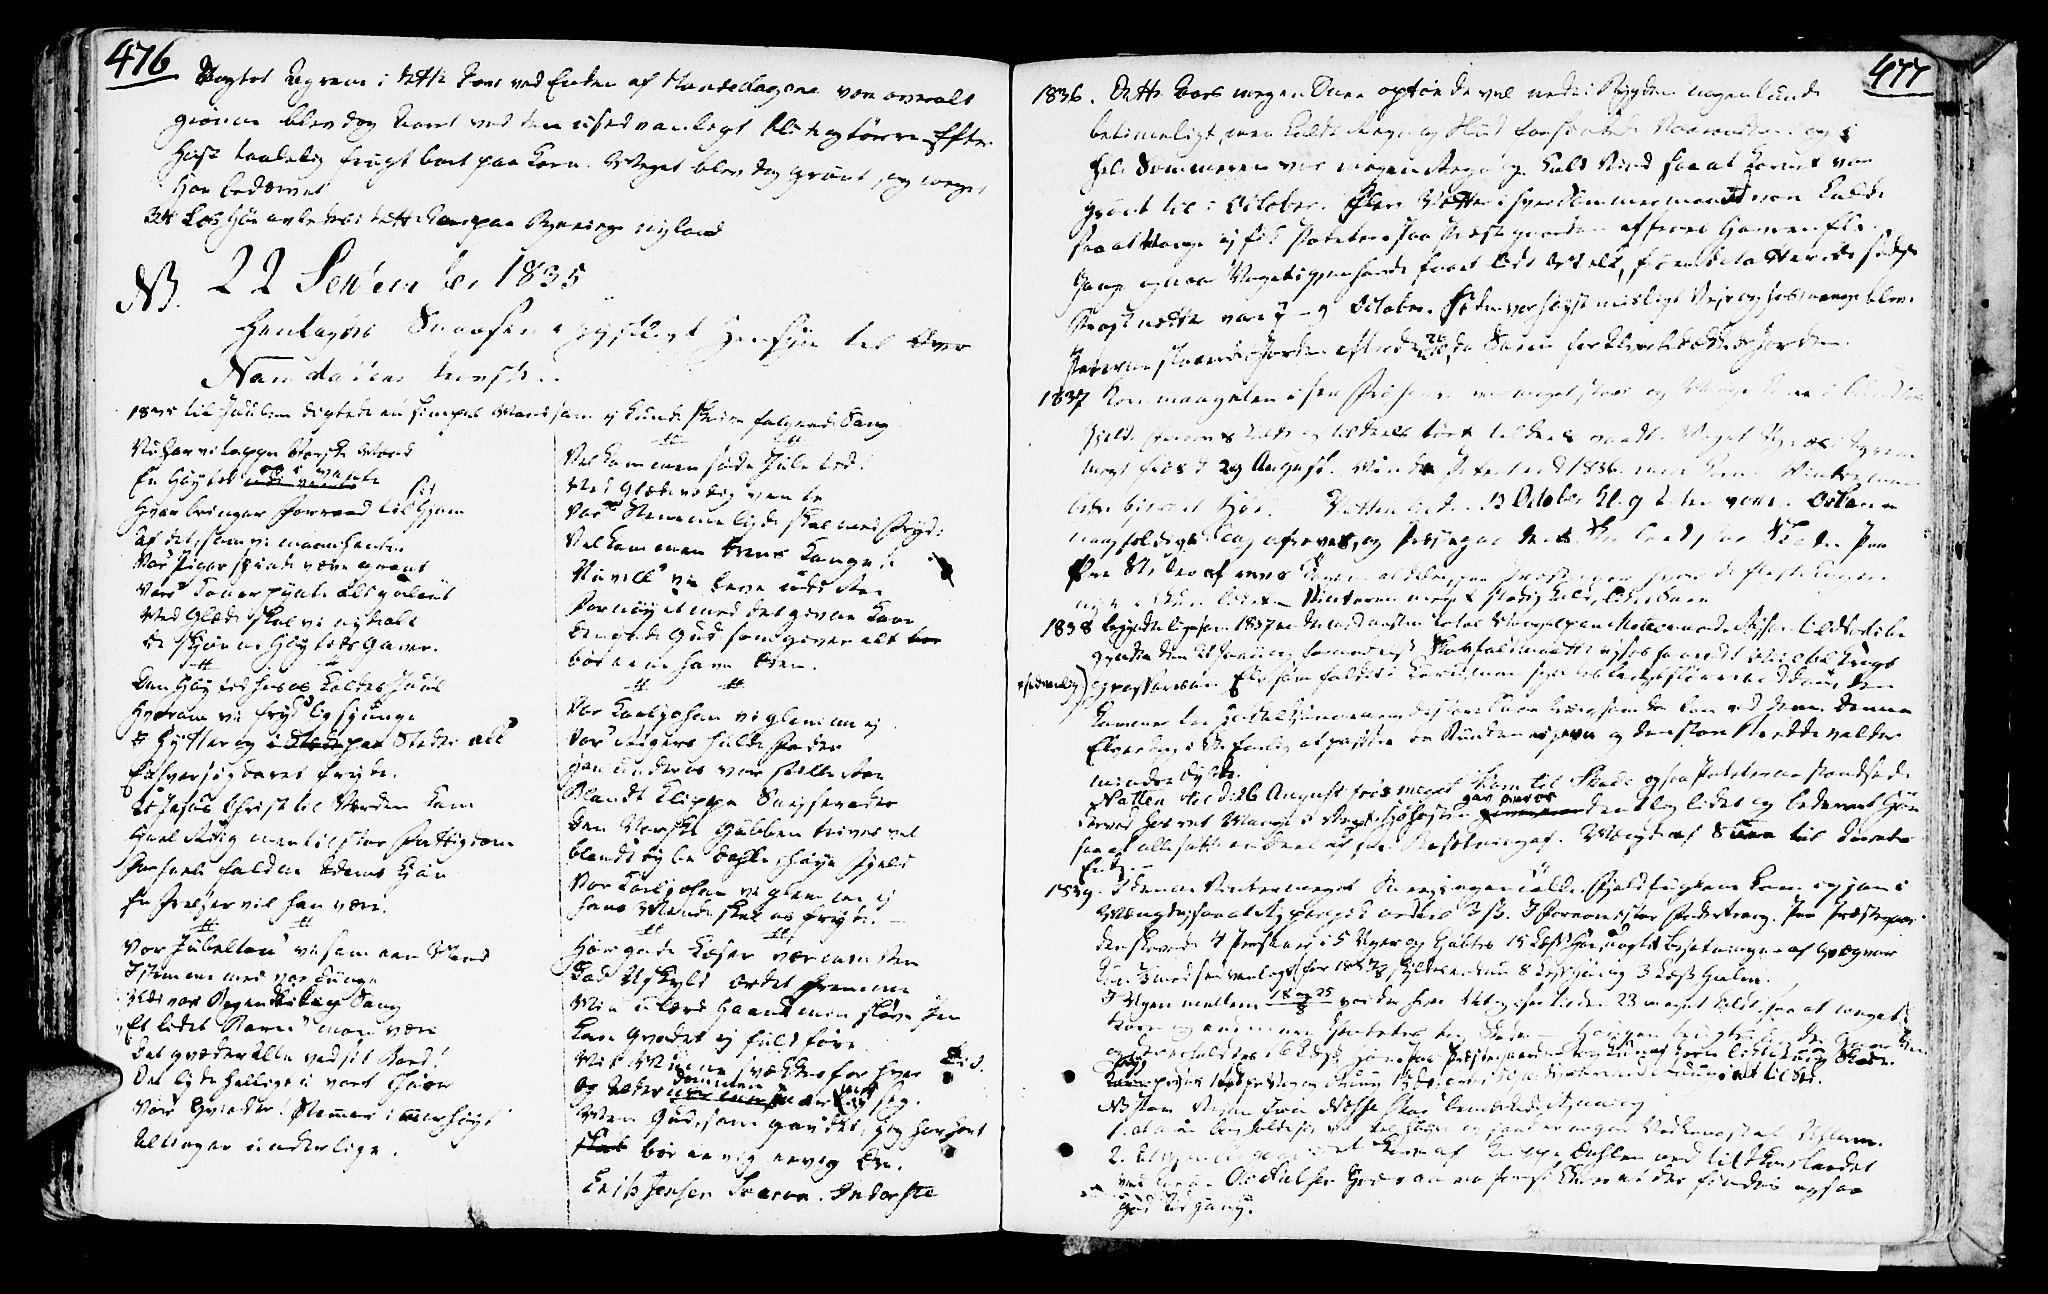 SAT, Ministerialprotokoller, klokkerbøker og fødselsregistre - Nord-Trøndelag, 749/L0468: Ministerialbok nr. 749A02, 1787-1817, s. 476-477